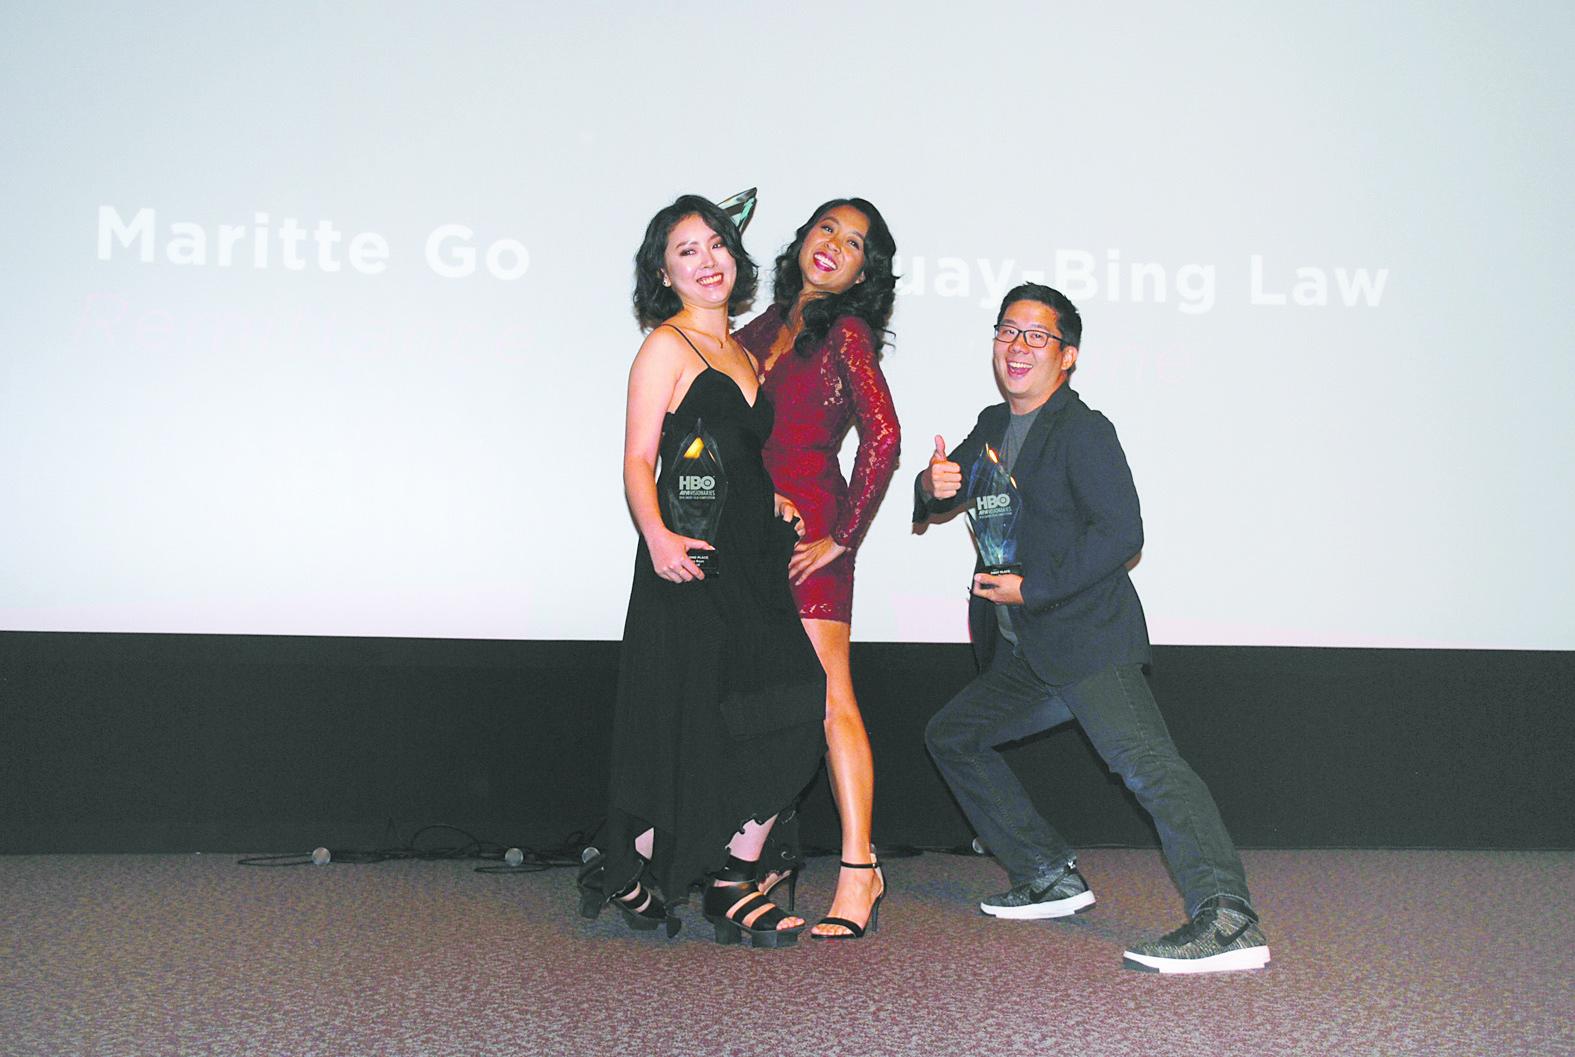 (左起)獲亞軍的阮鳳儀、獲季軍的菲律賓裔女導演Maritte Go、奪冠的羅暉平出席HBO亞太裔美國人夢想家短片比賽頒獎禮。記者李青蔚攝